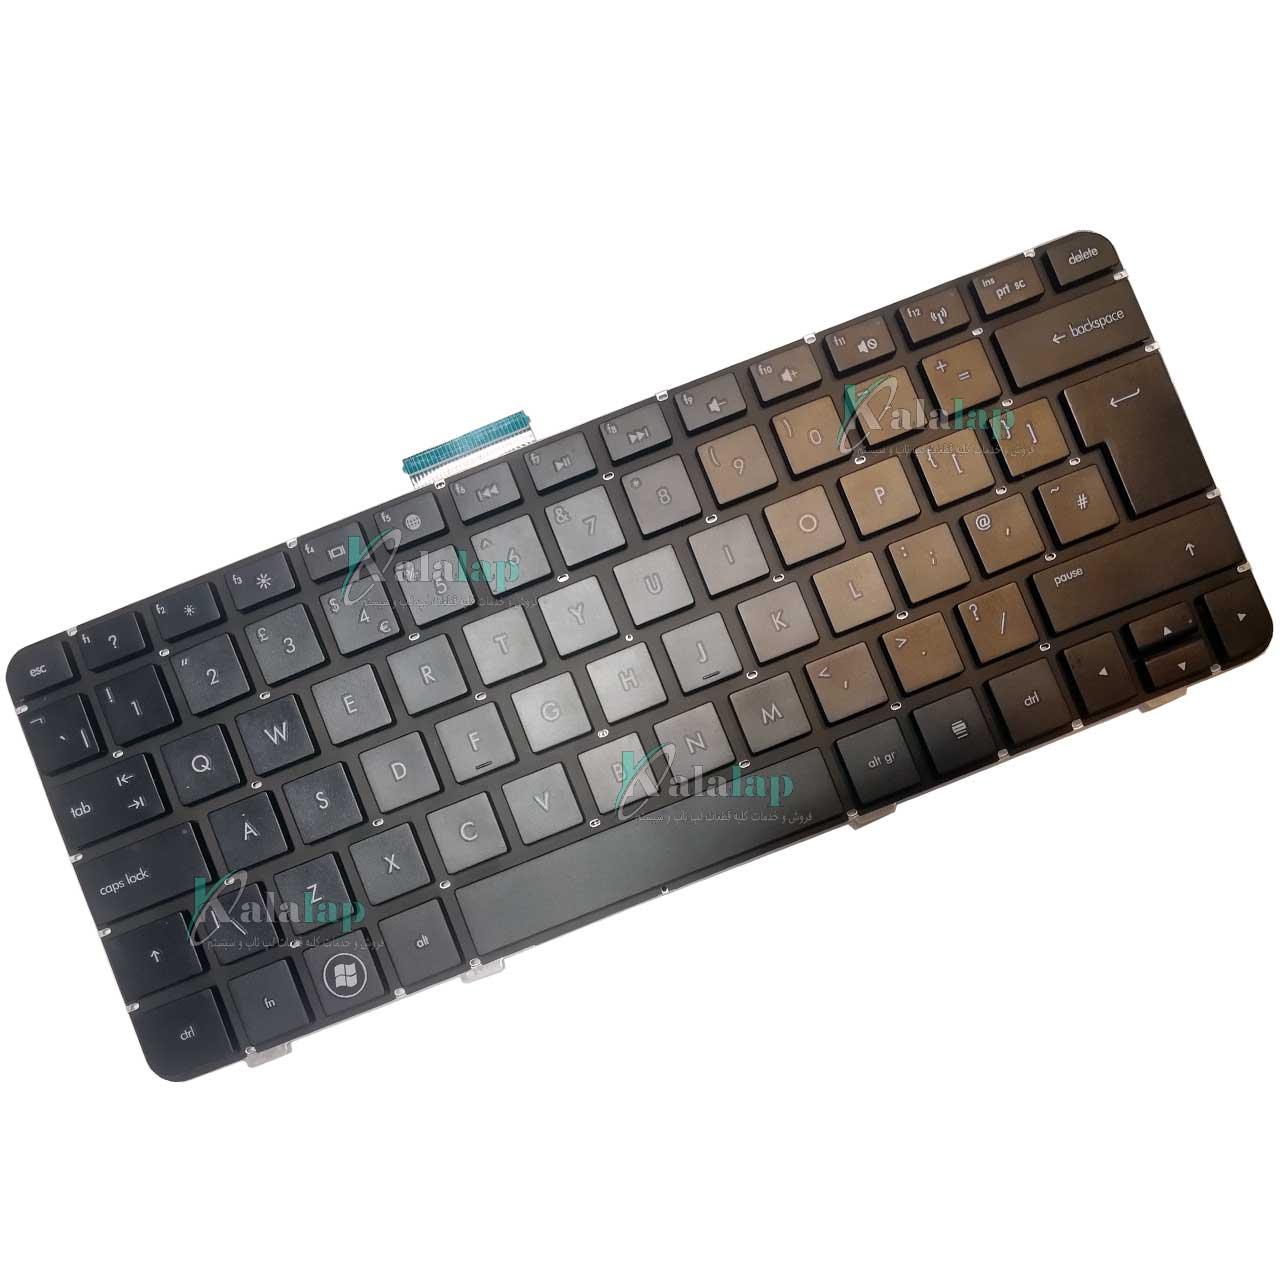 کیبرد لپ تاپ اچ پی HP DV3-4000 DV3-4100 DV3-4200 CQ32 مشکی اینتر بزرگ بدون فریم